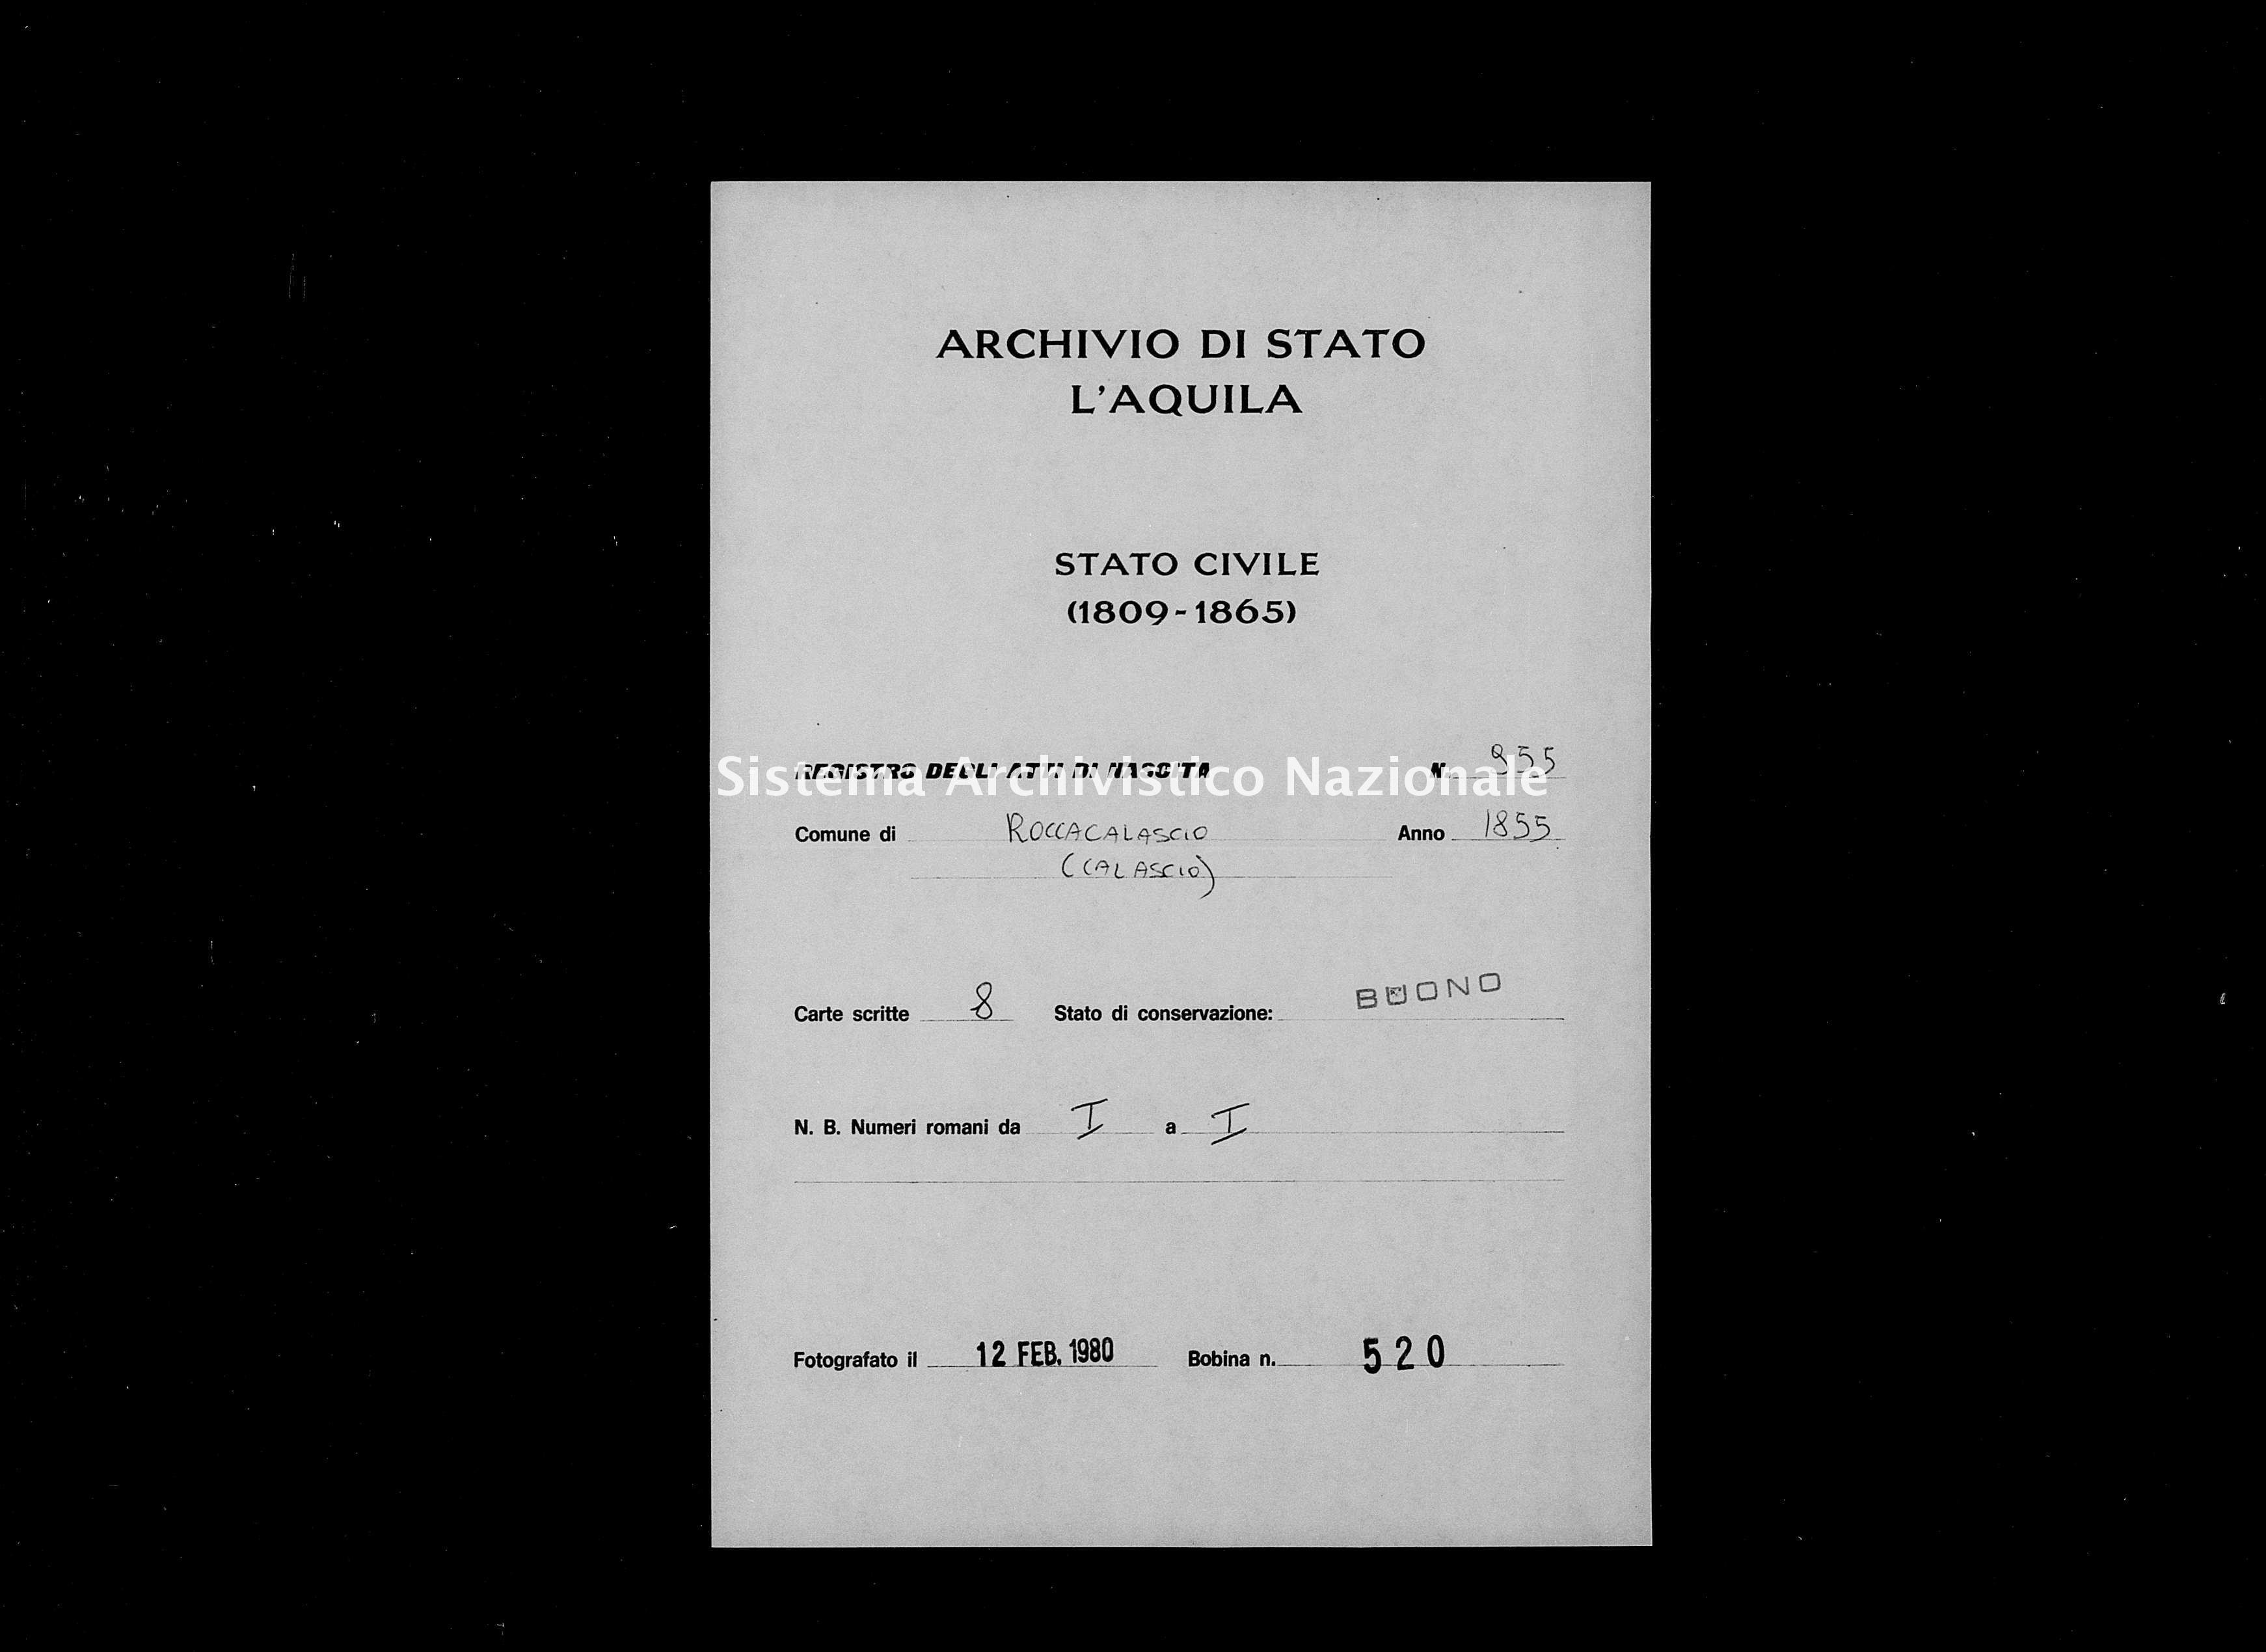 Archivio di stato di L'aquila - Stato civile della restaurazione - Rocca Calascio - Nati - 1855 - 955 -